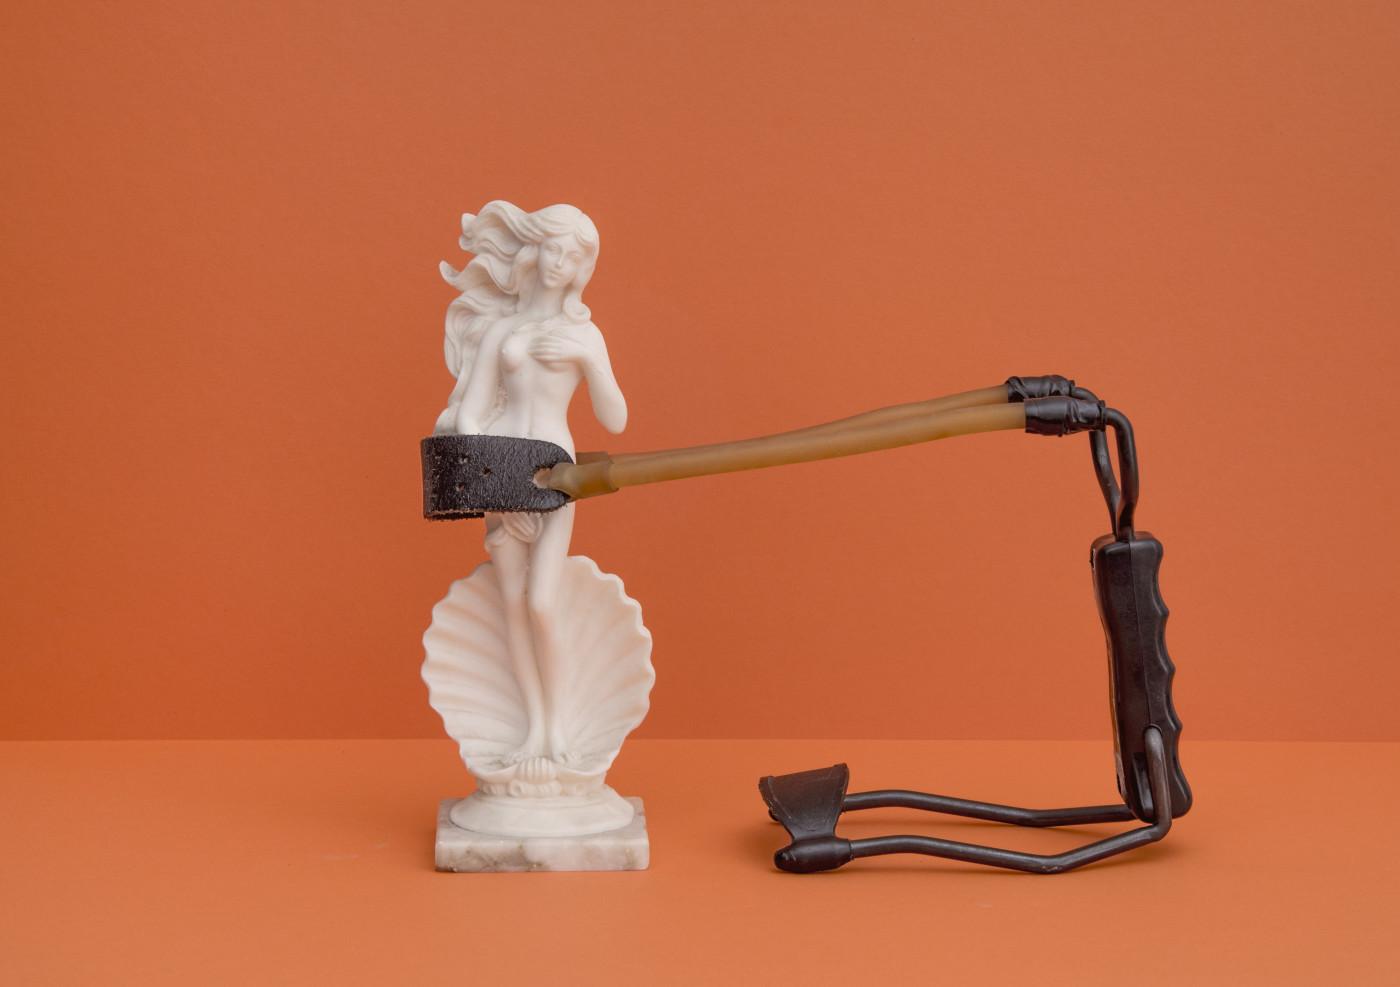 statua tenuta da fionda